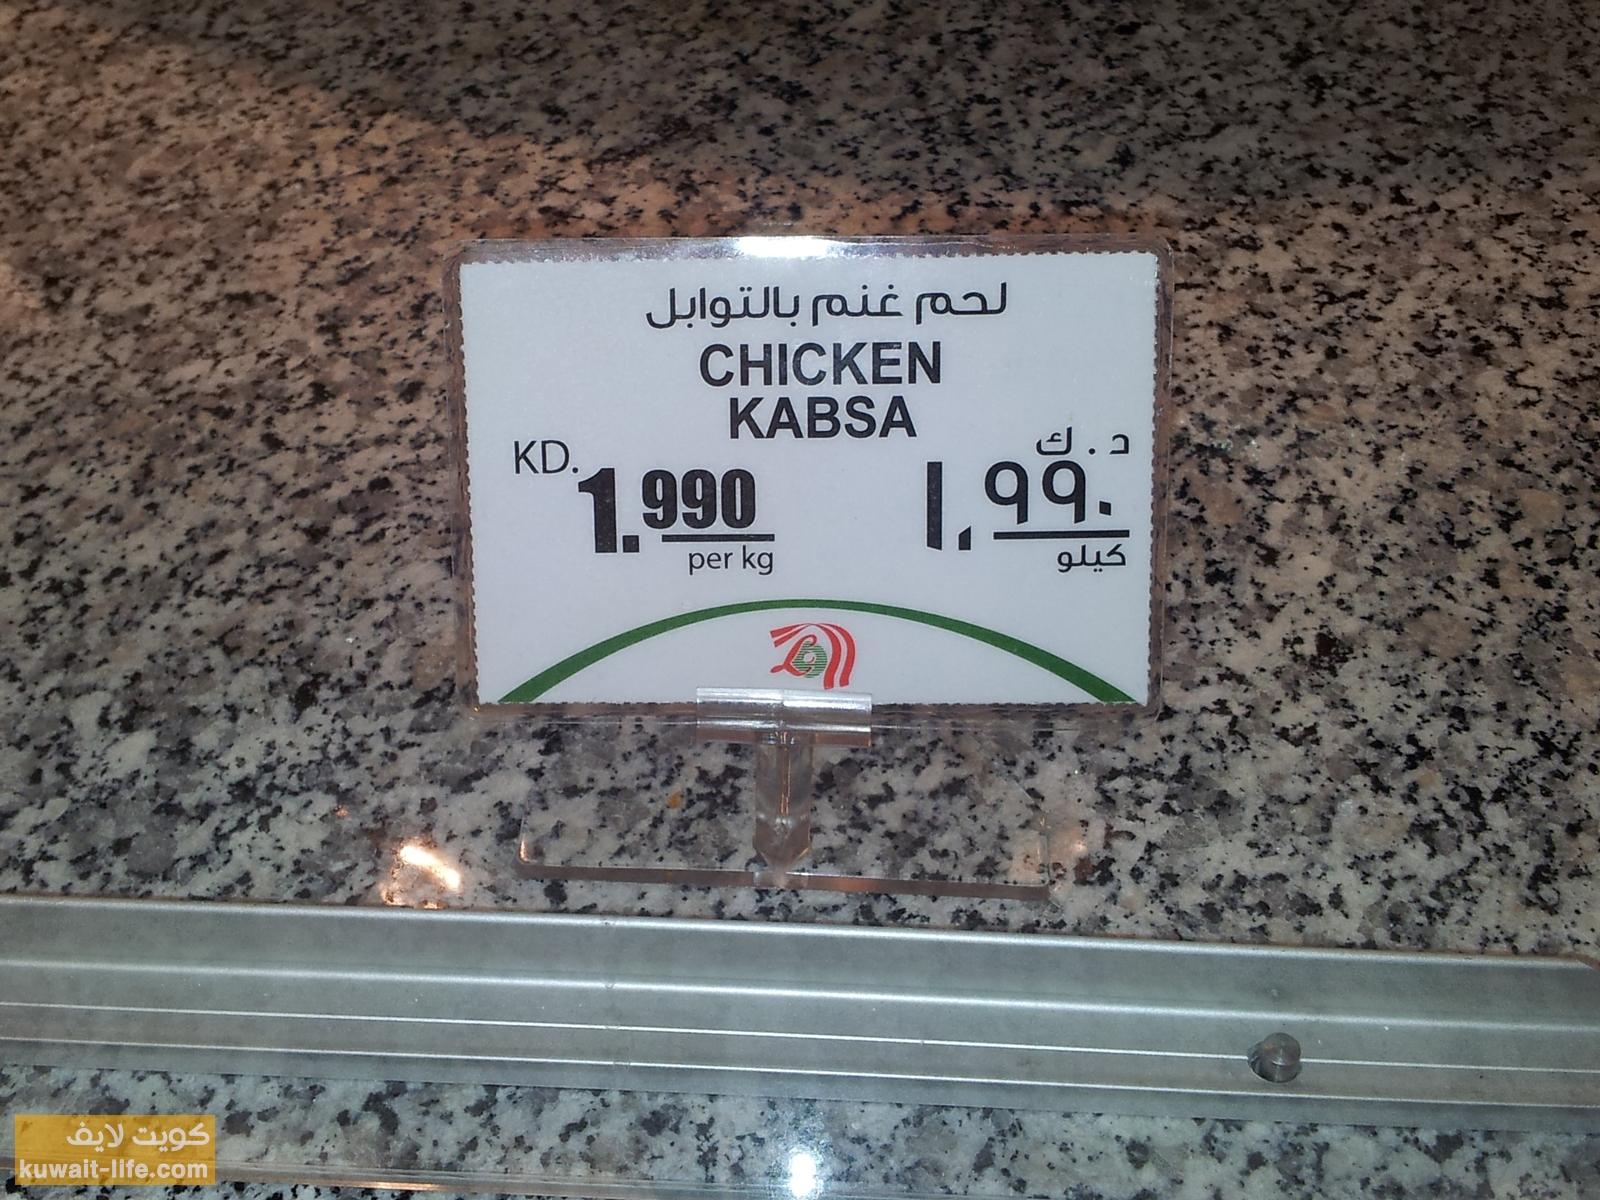 أخطاء-ترجمة-لولو-هايبر-ماركت-في-الكويت-2